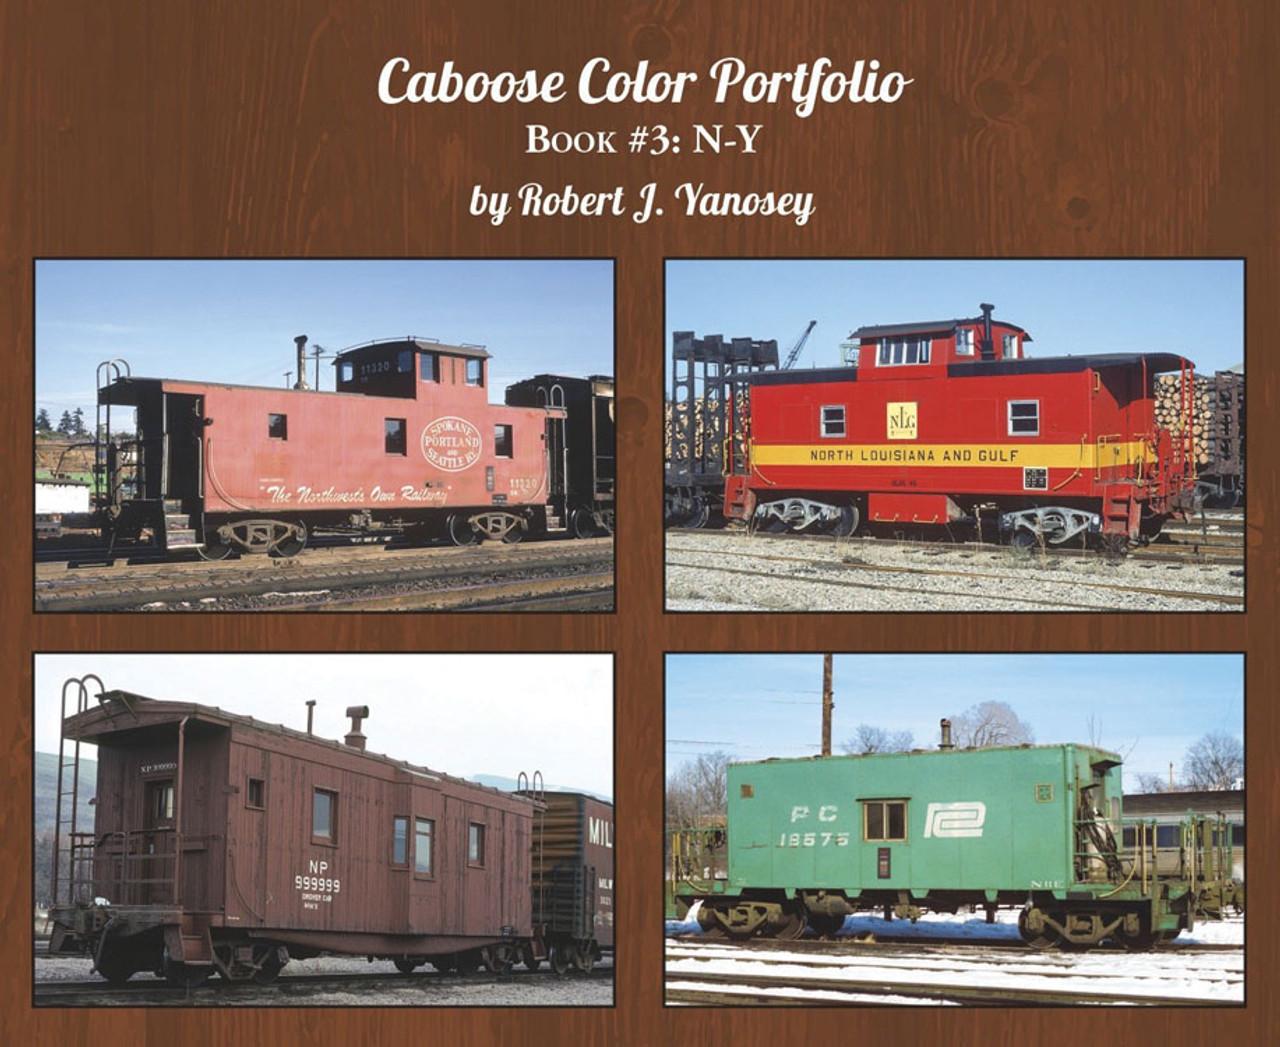 Caboose Color Portfolio -- Book 3: N-Y (Soft Cover)